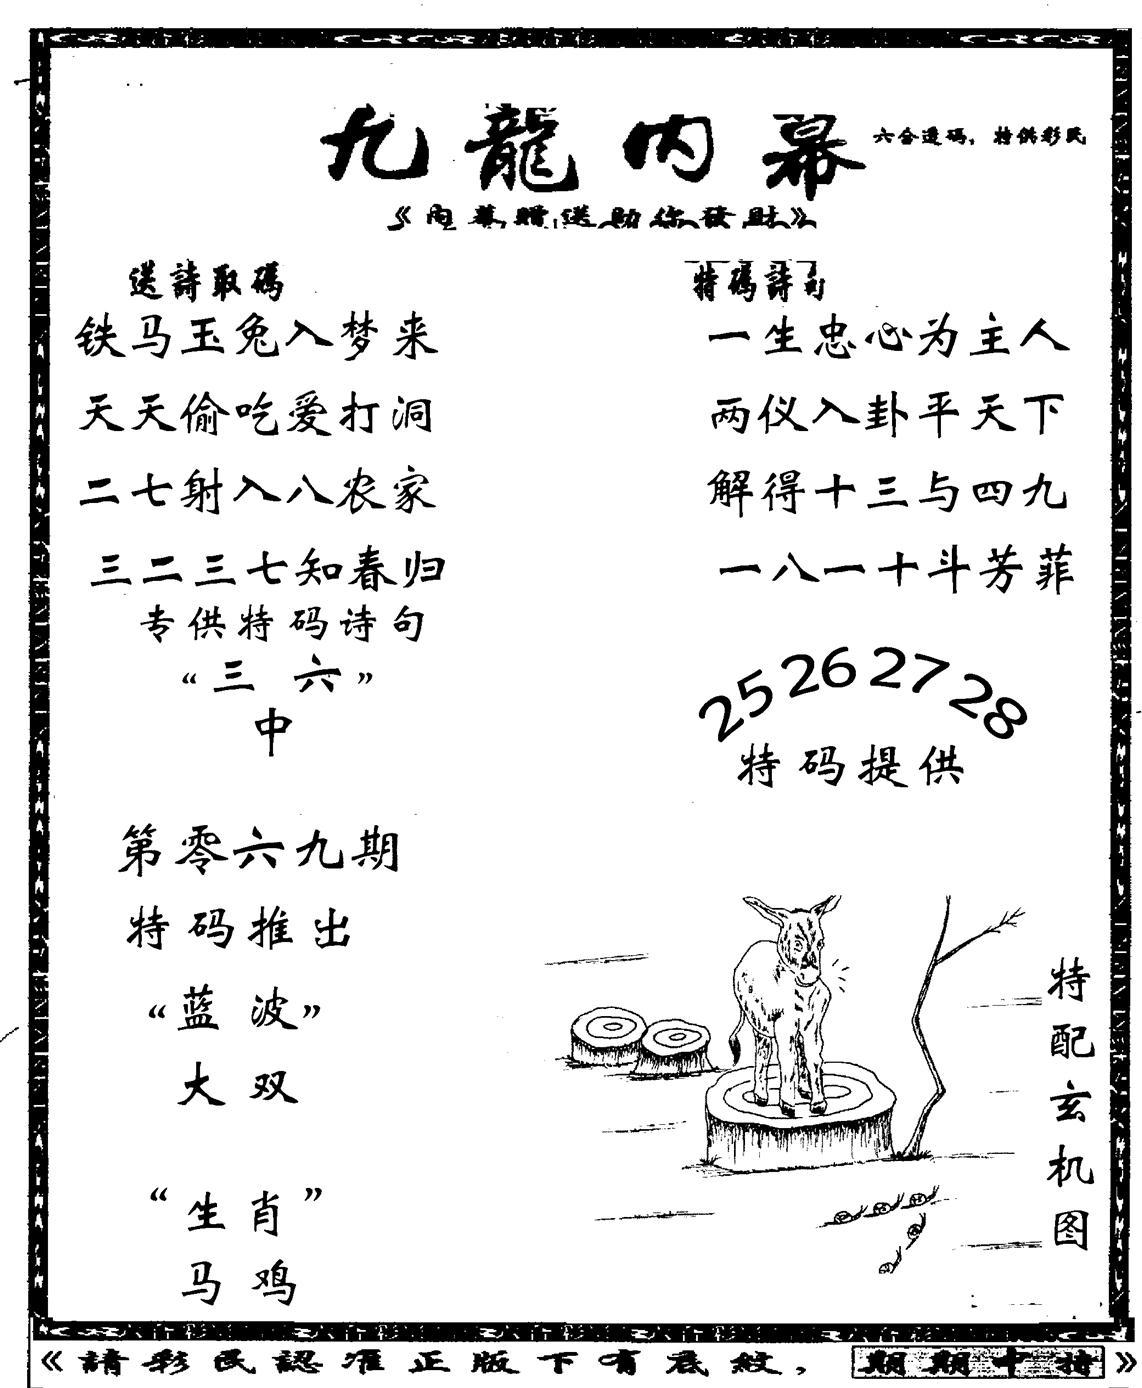 069期老九龙内幕(黑白)